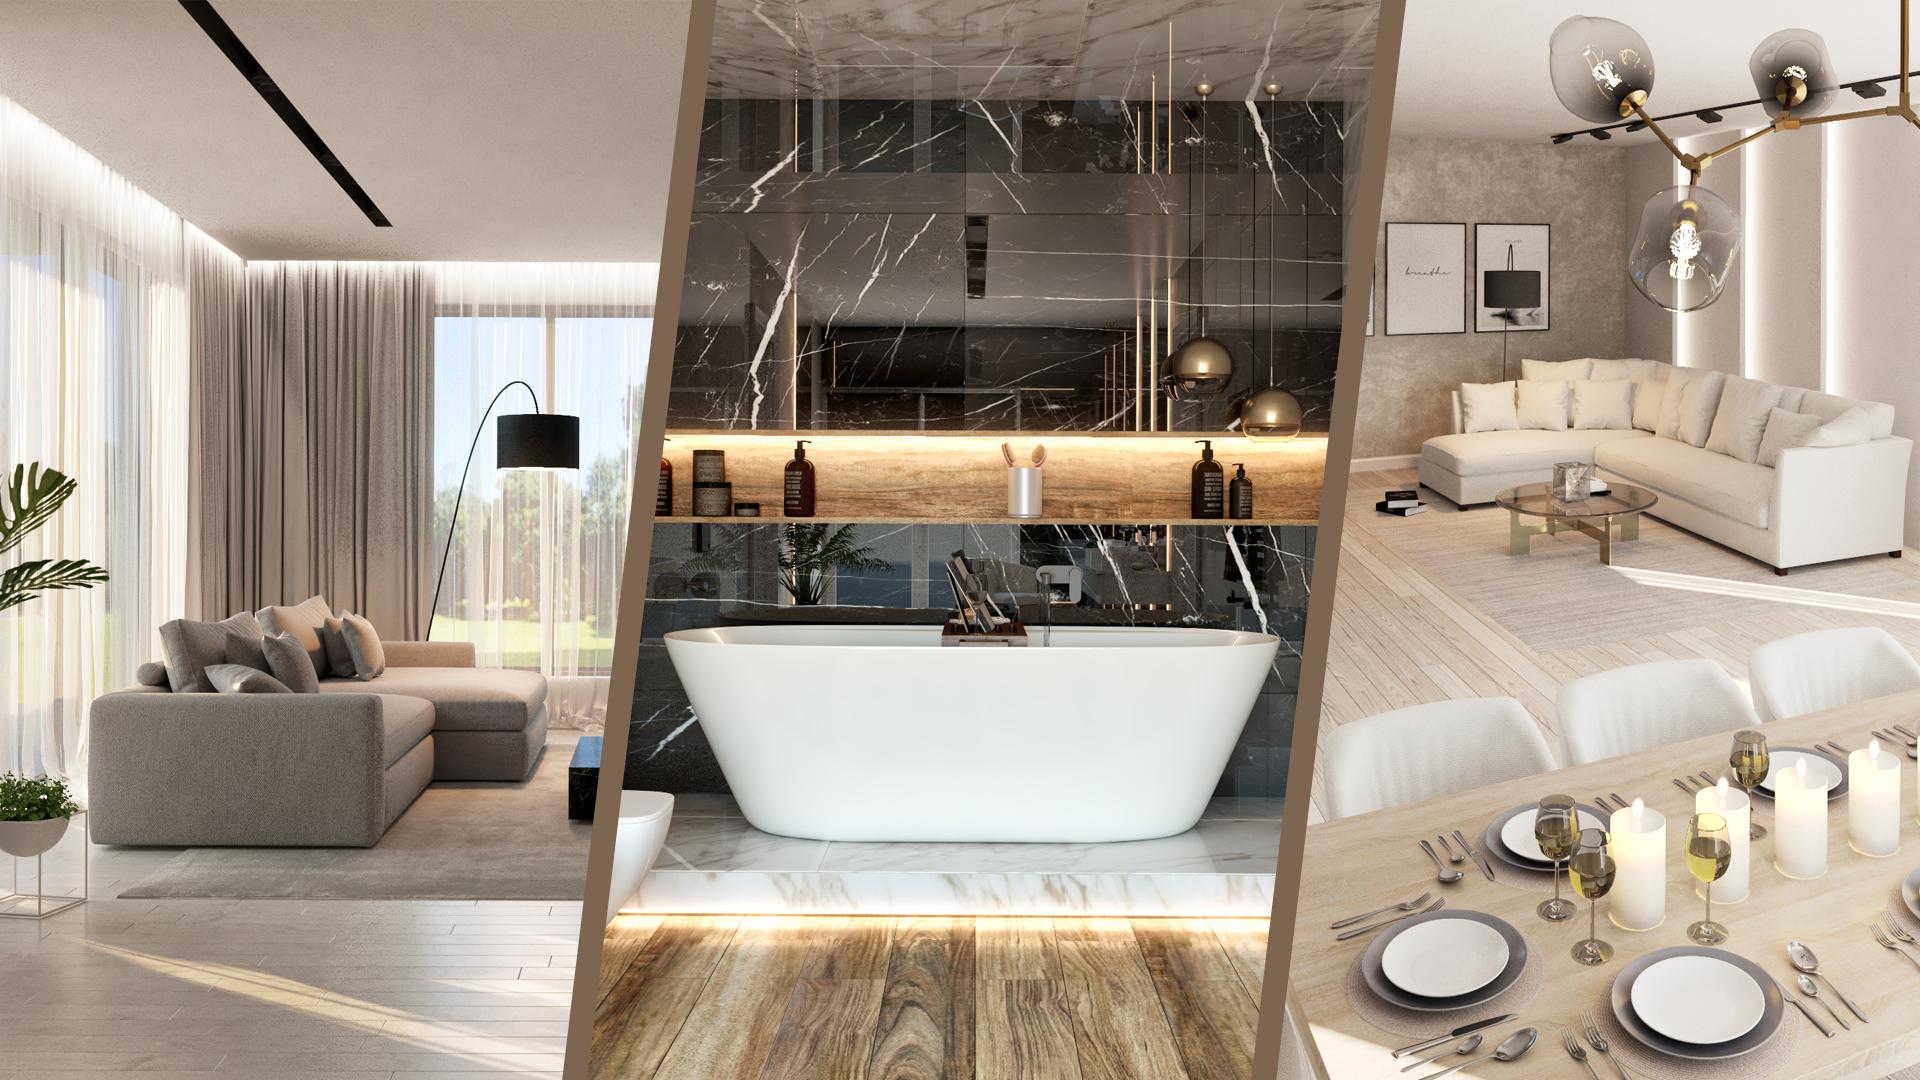 Дизайн квартири чи будинку: як зробити помешкання стильним і комфортним